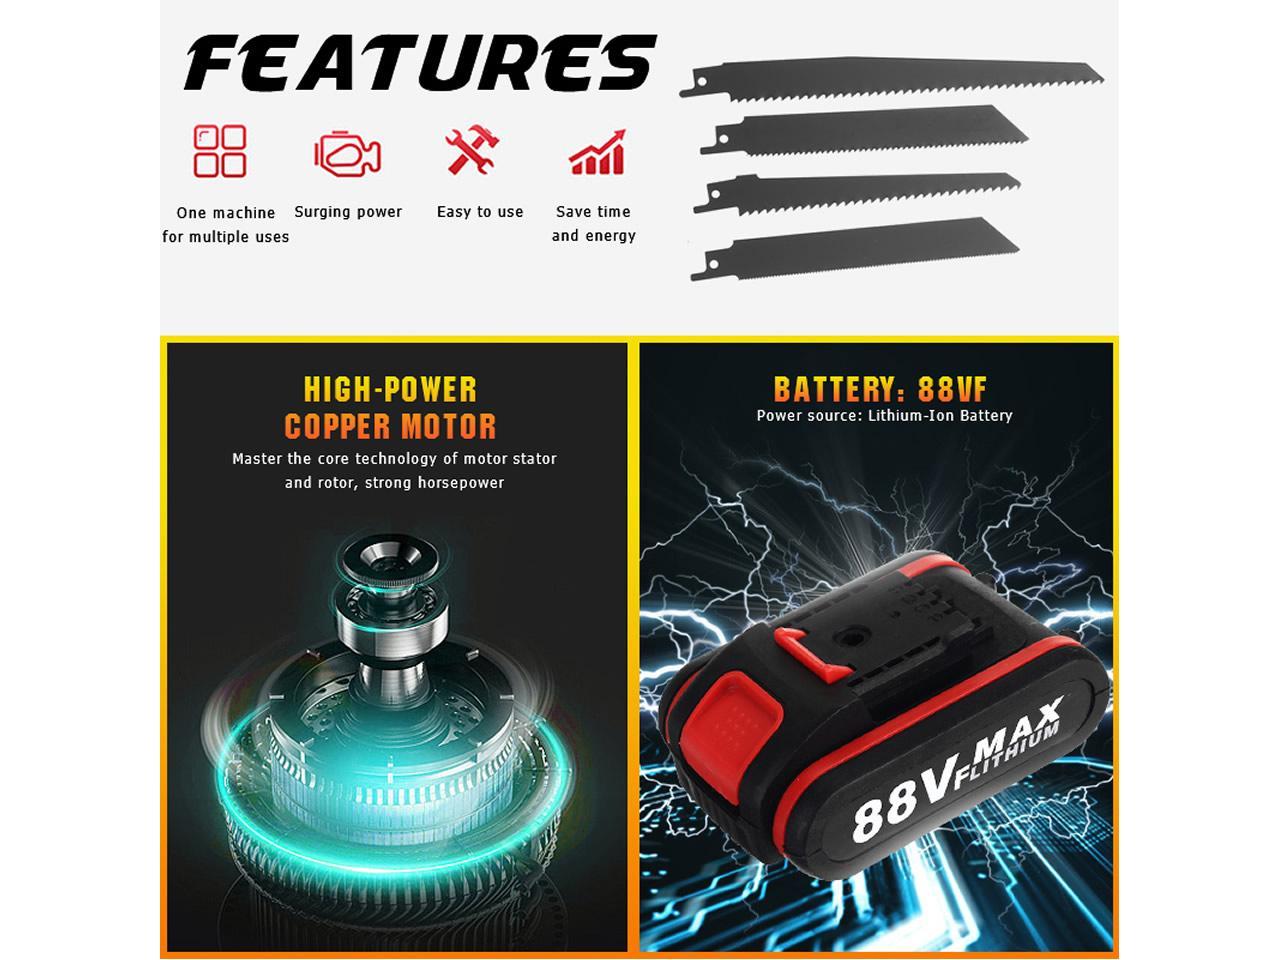 Aku přímočará elektrická pila Ocaska včetně 2x baterie 88Vf